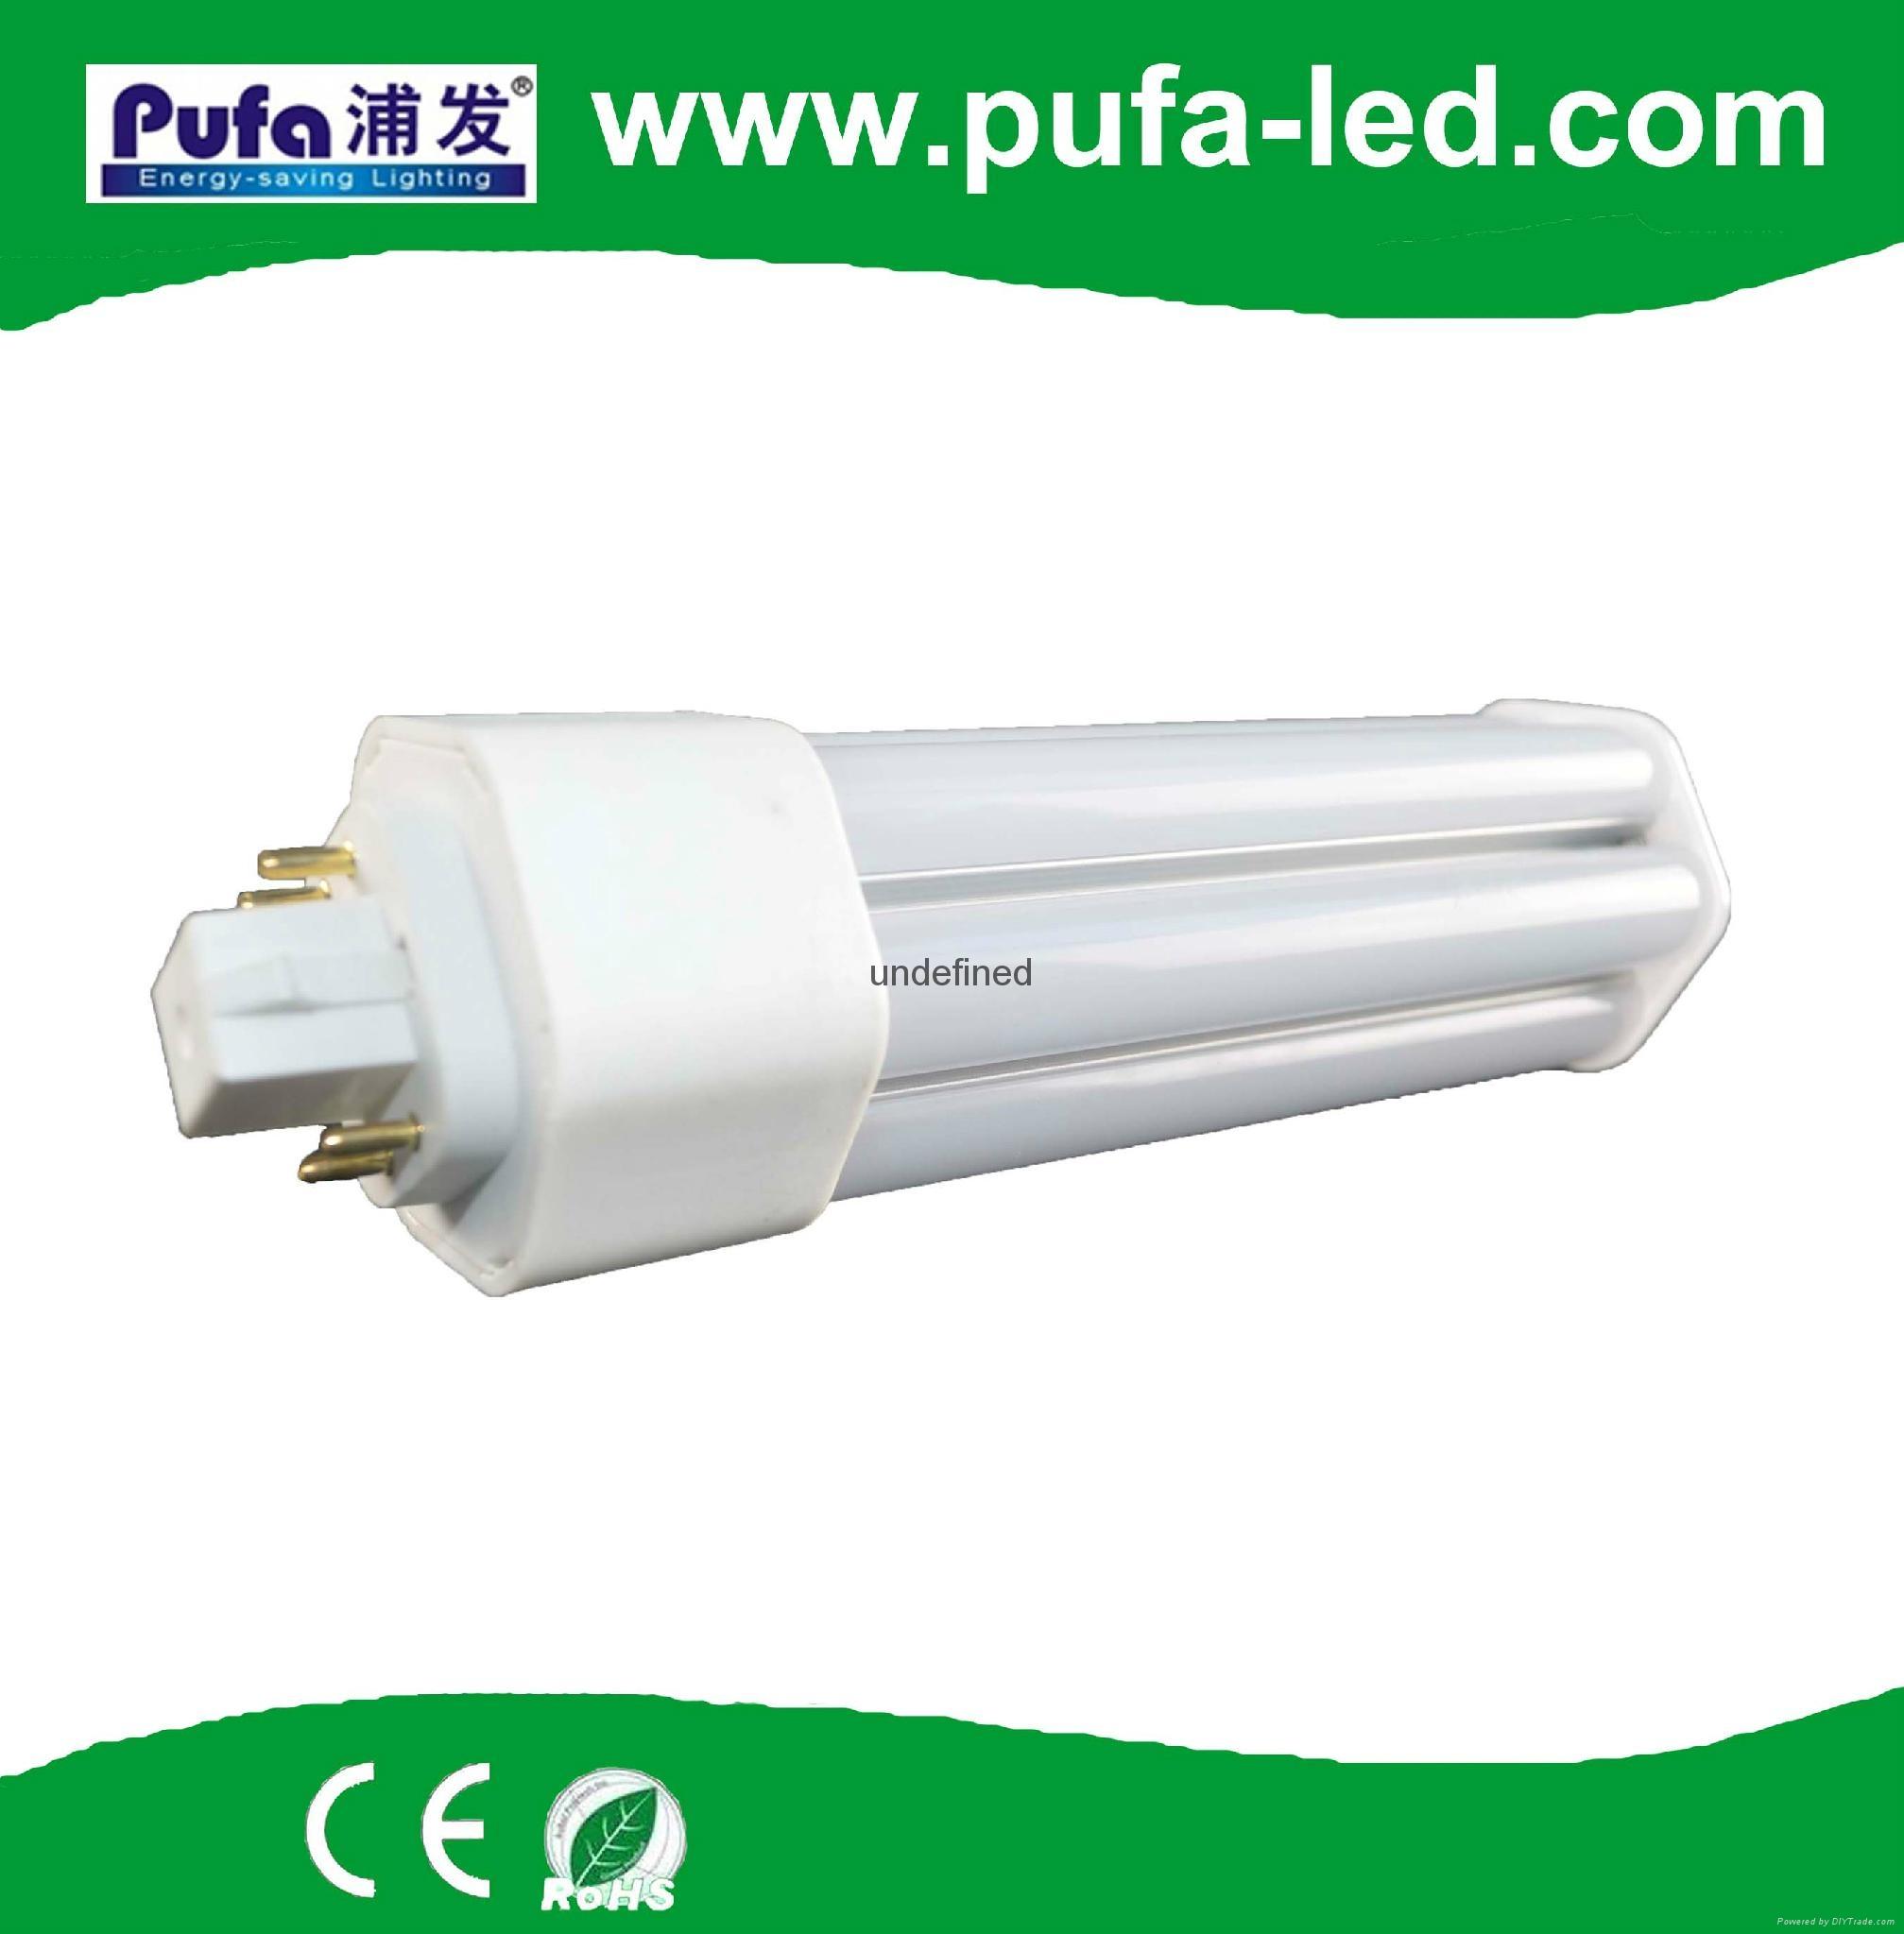 GX24Q 3U横插节能灯15w 1